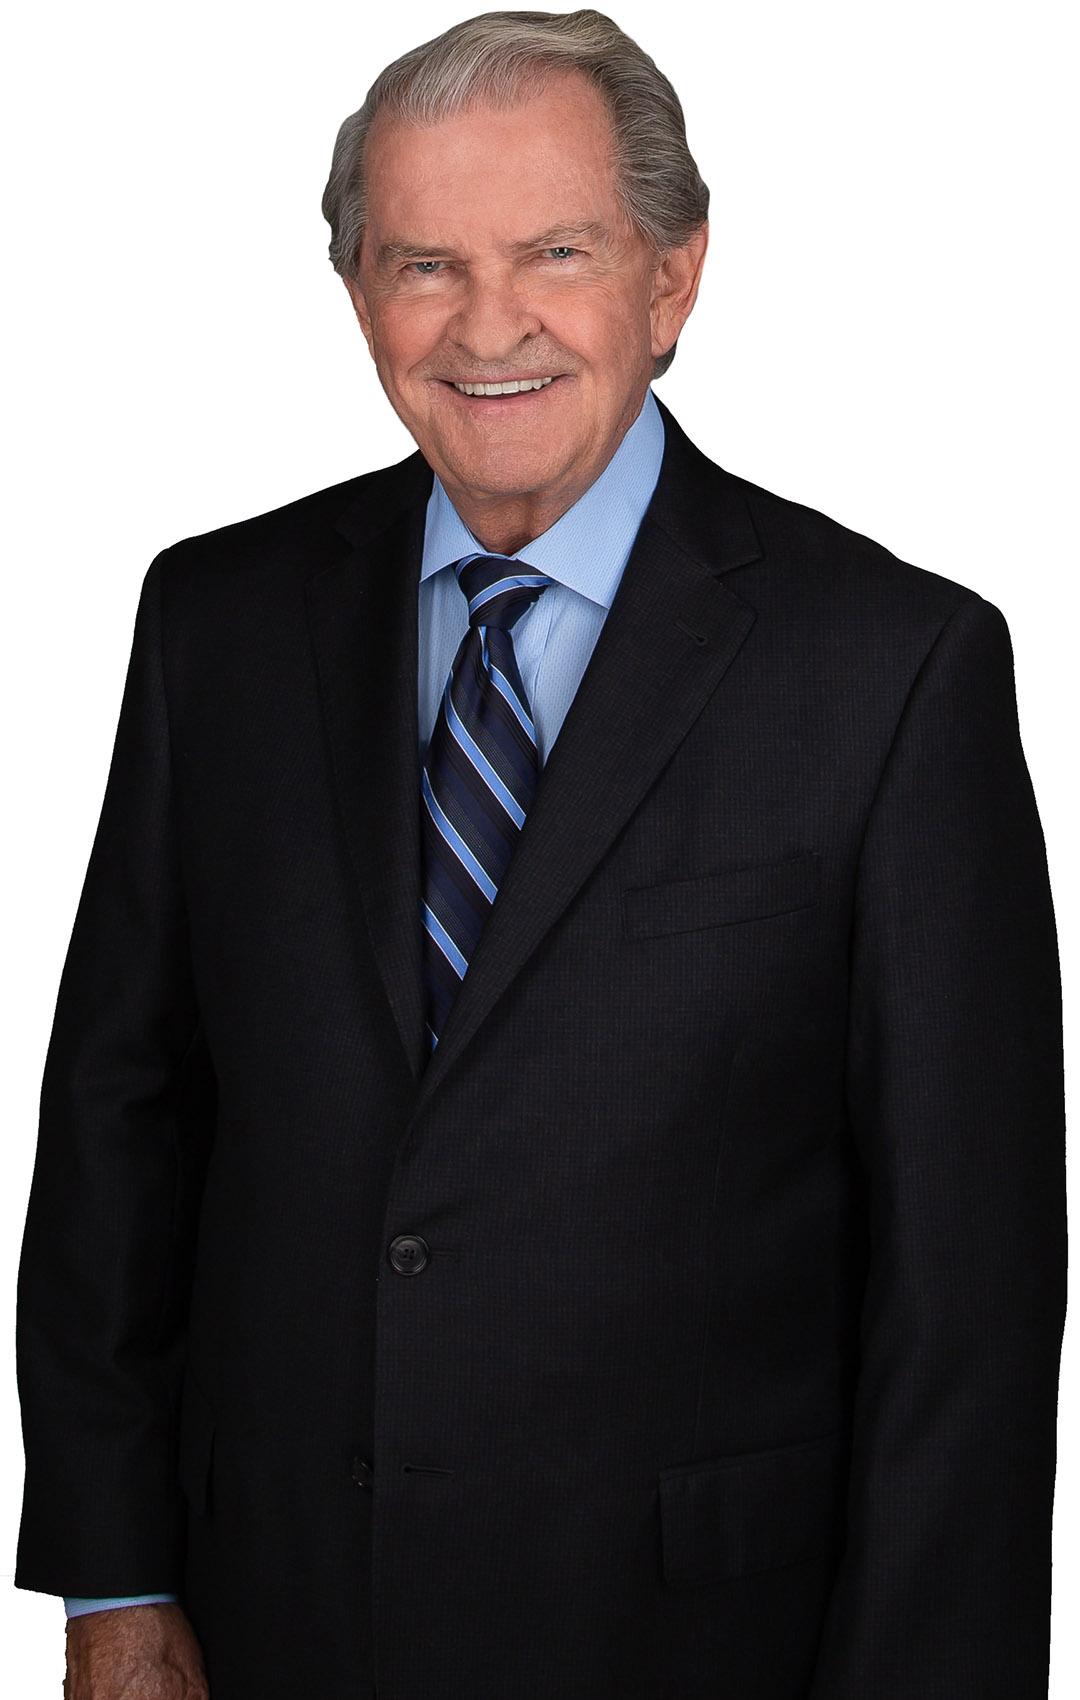 Joe B. Cox